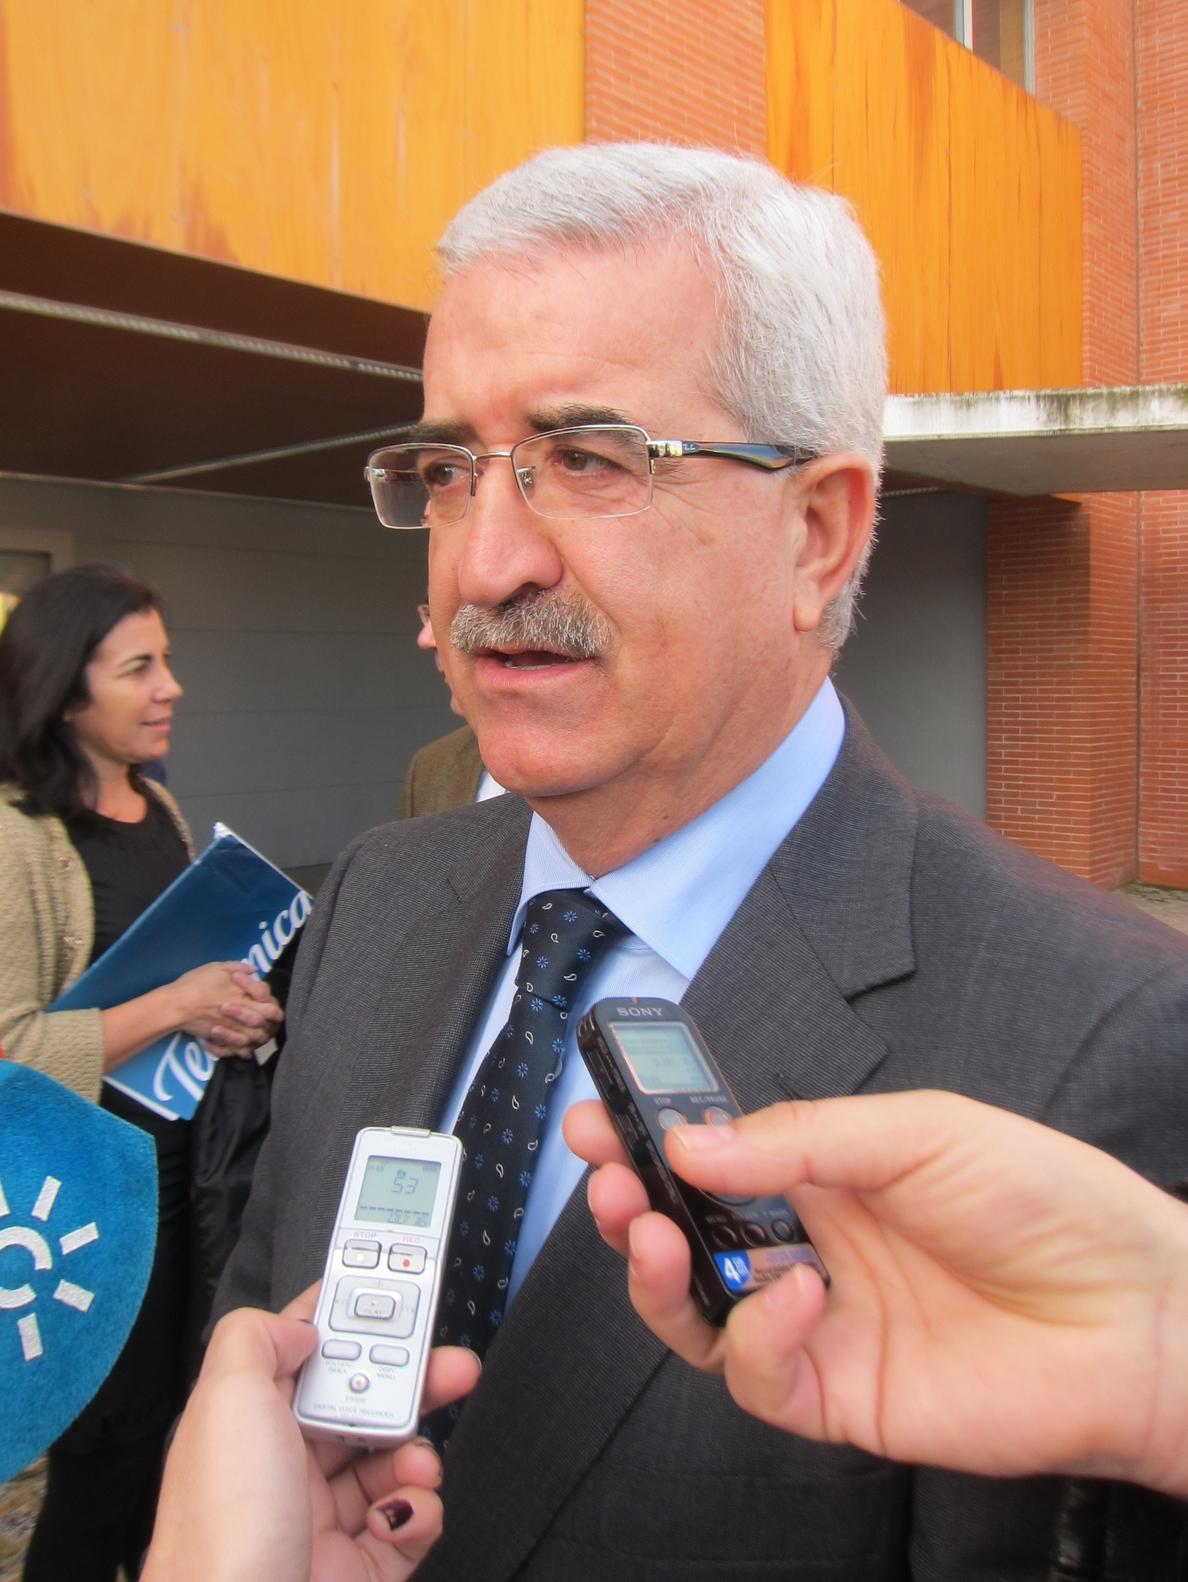 Junta demanda a Moreno que «marque distancias» con Núñez Feijóo y rectifique su «ataque» a Andalucía